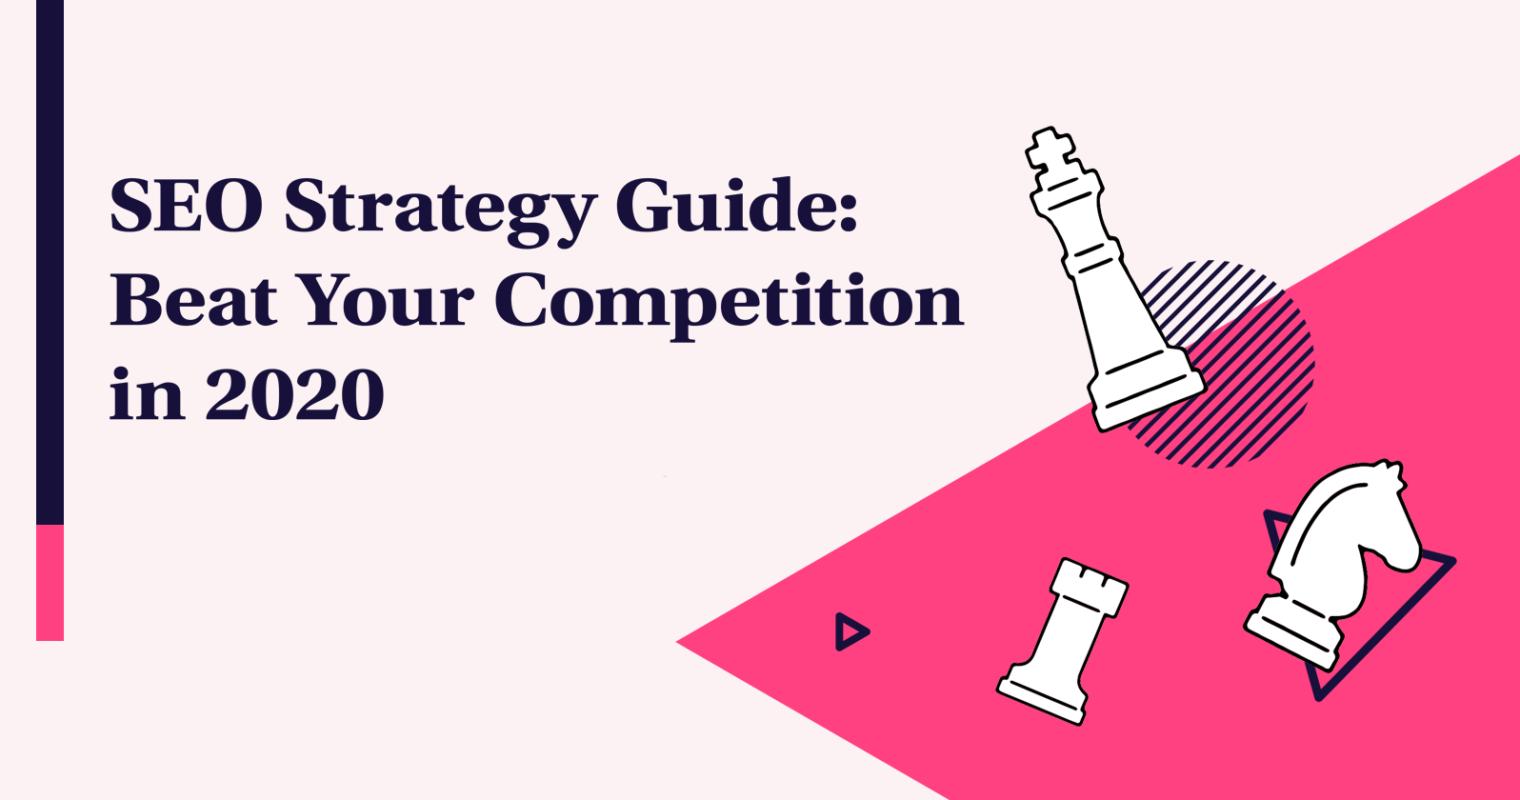 Chiến lược SEO : Đánh bại đối thủ của bạn trong năm 2020